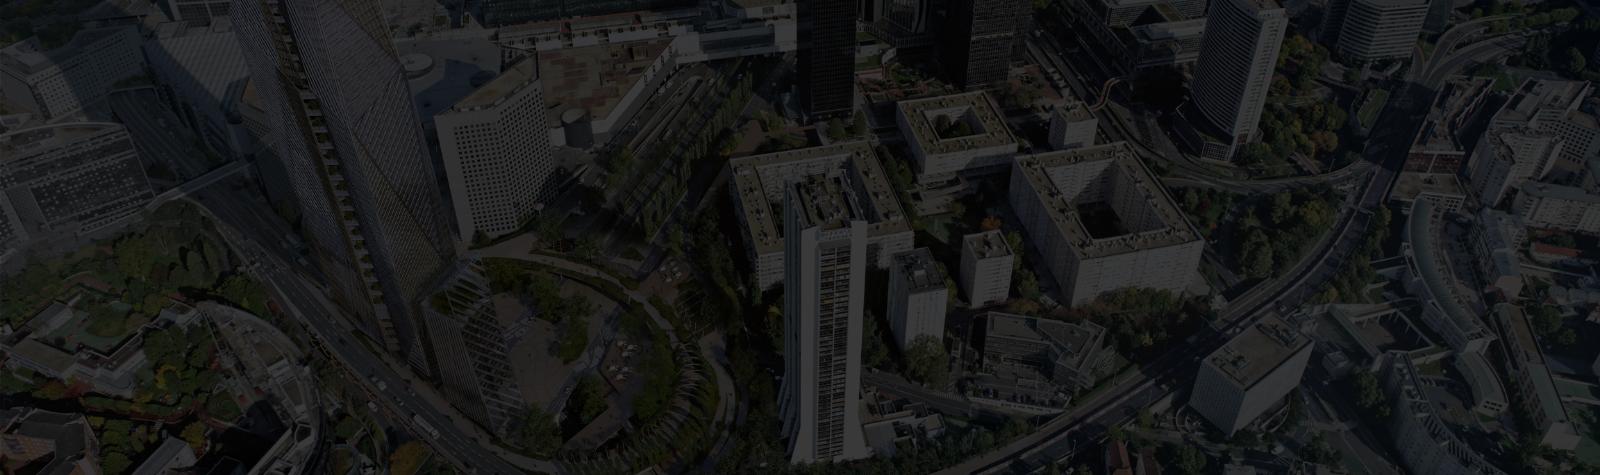 En 2022, HEKLA s'élèvera au coeur du quartier de La Rose de Cherbourg, totalement repensé à Paris La Défense